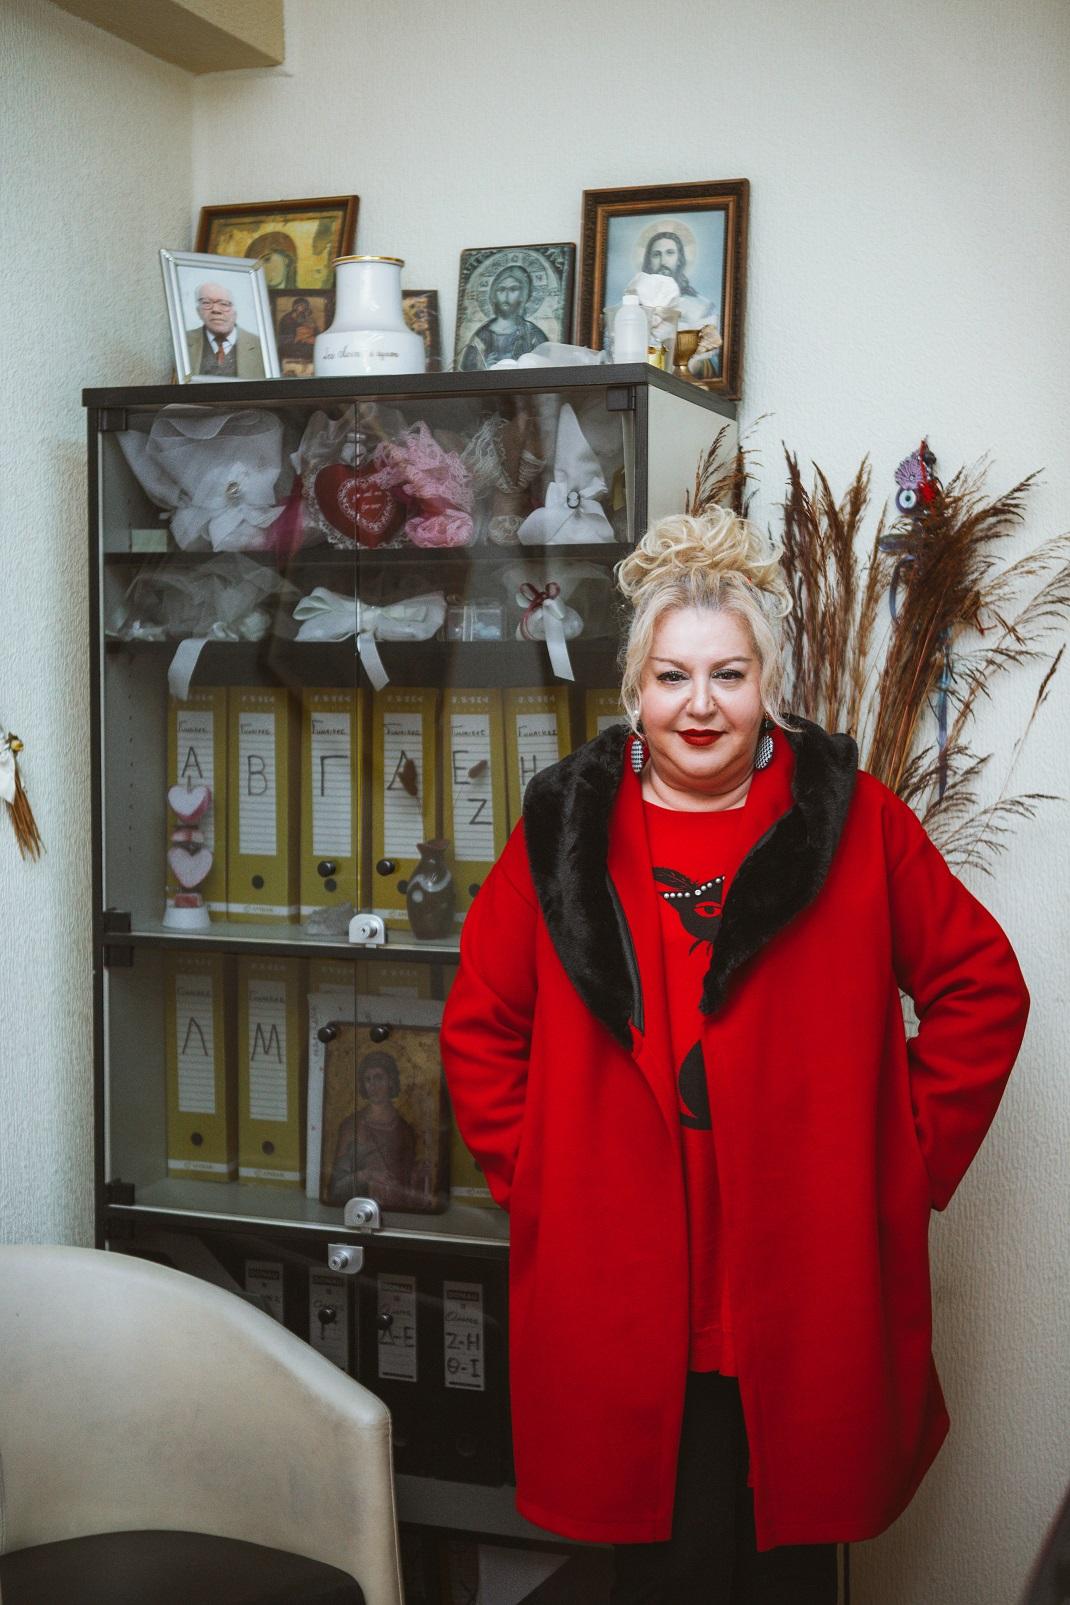 Η Κατερίνα Λούης με κόκκινο παλτό και τα χέρια στις τσέπες